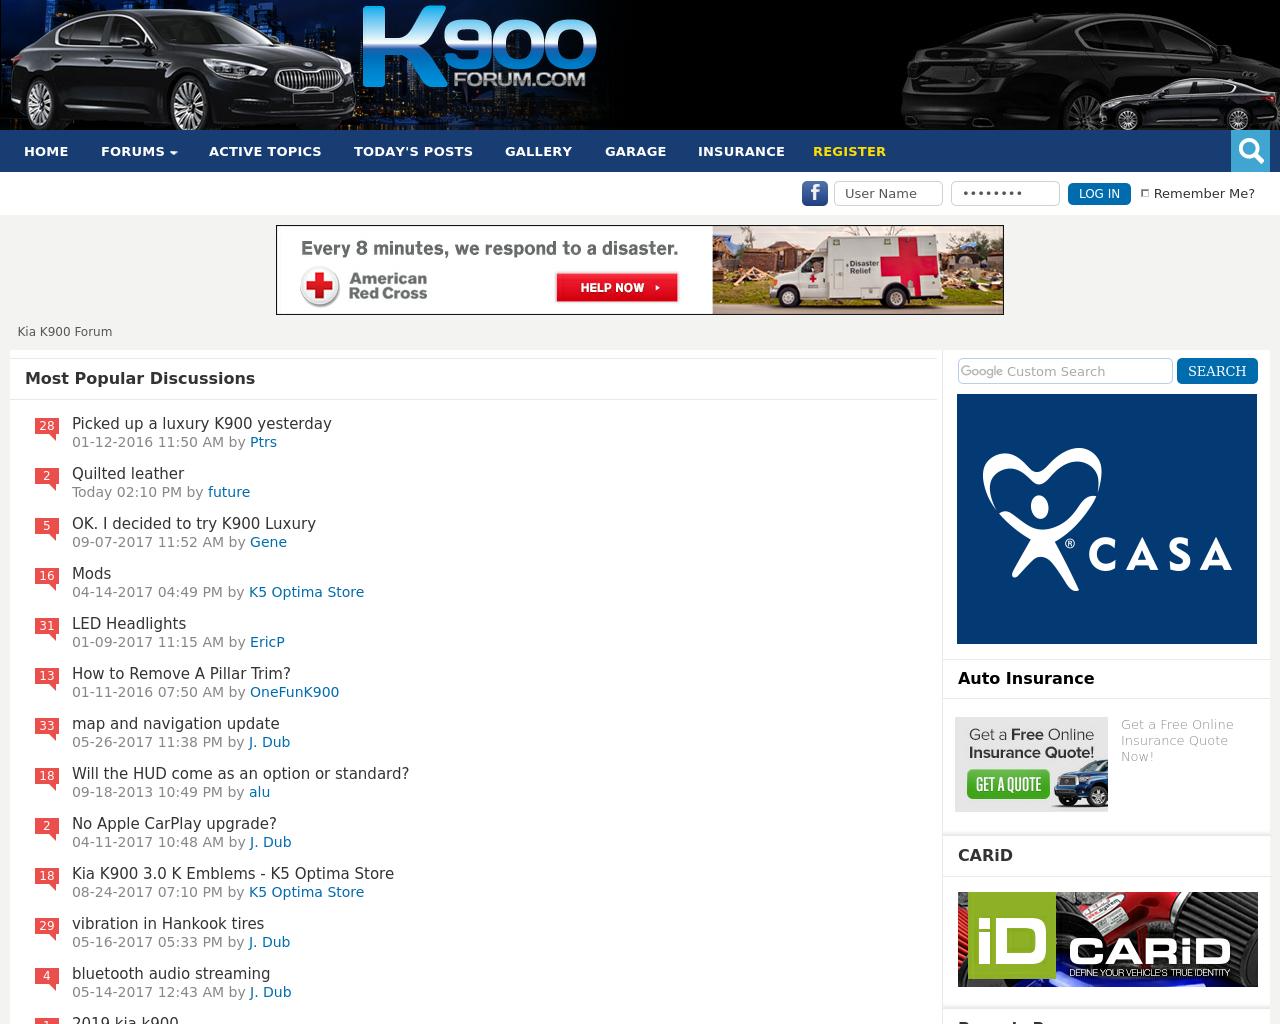 Kia-K900-Forum-Advertising-Reviews-Pricing